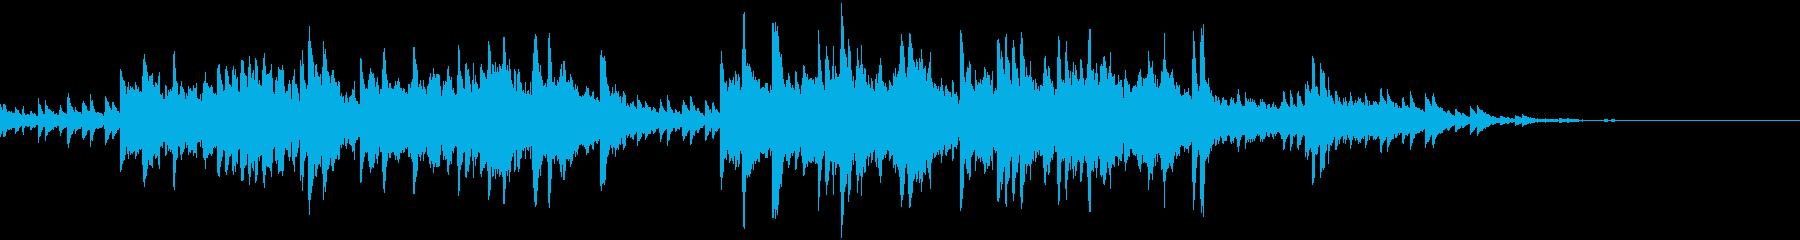 静かな探索シーン向けピアノBGMの再生済みの波形